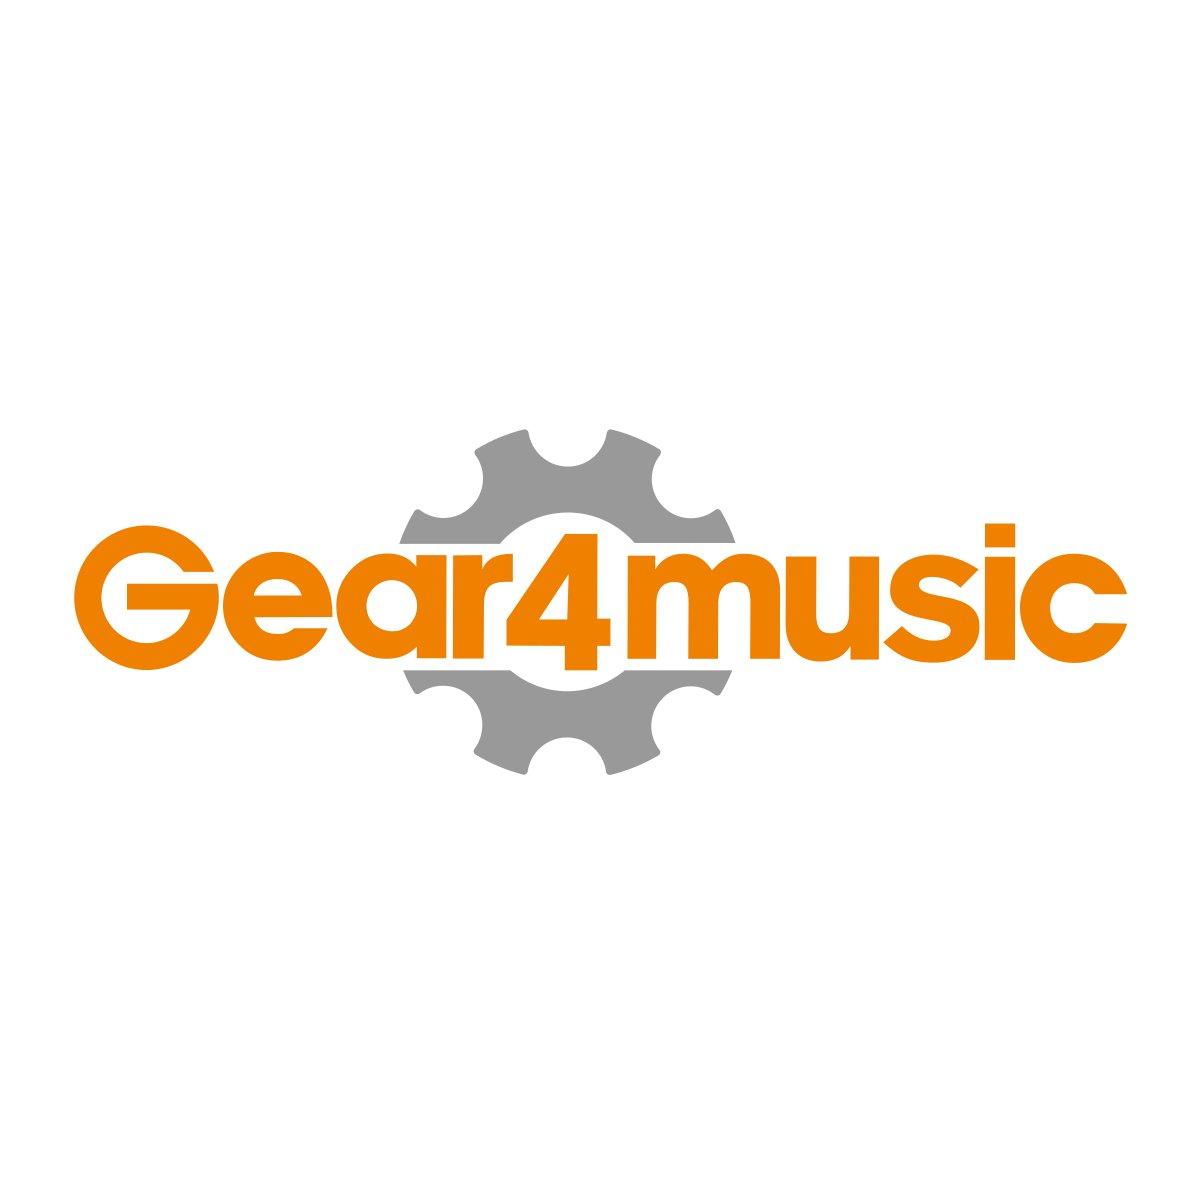 MK-5000 Tragbares Keyboard von Gear4music – Komplettpaket